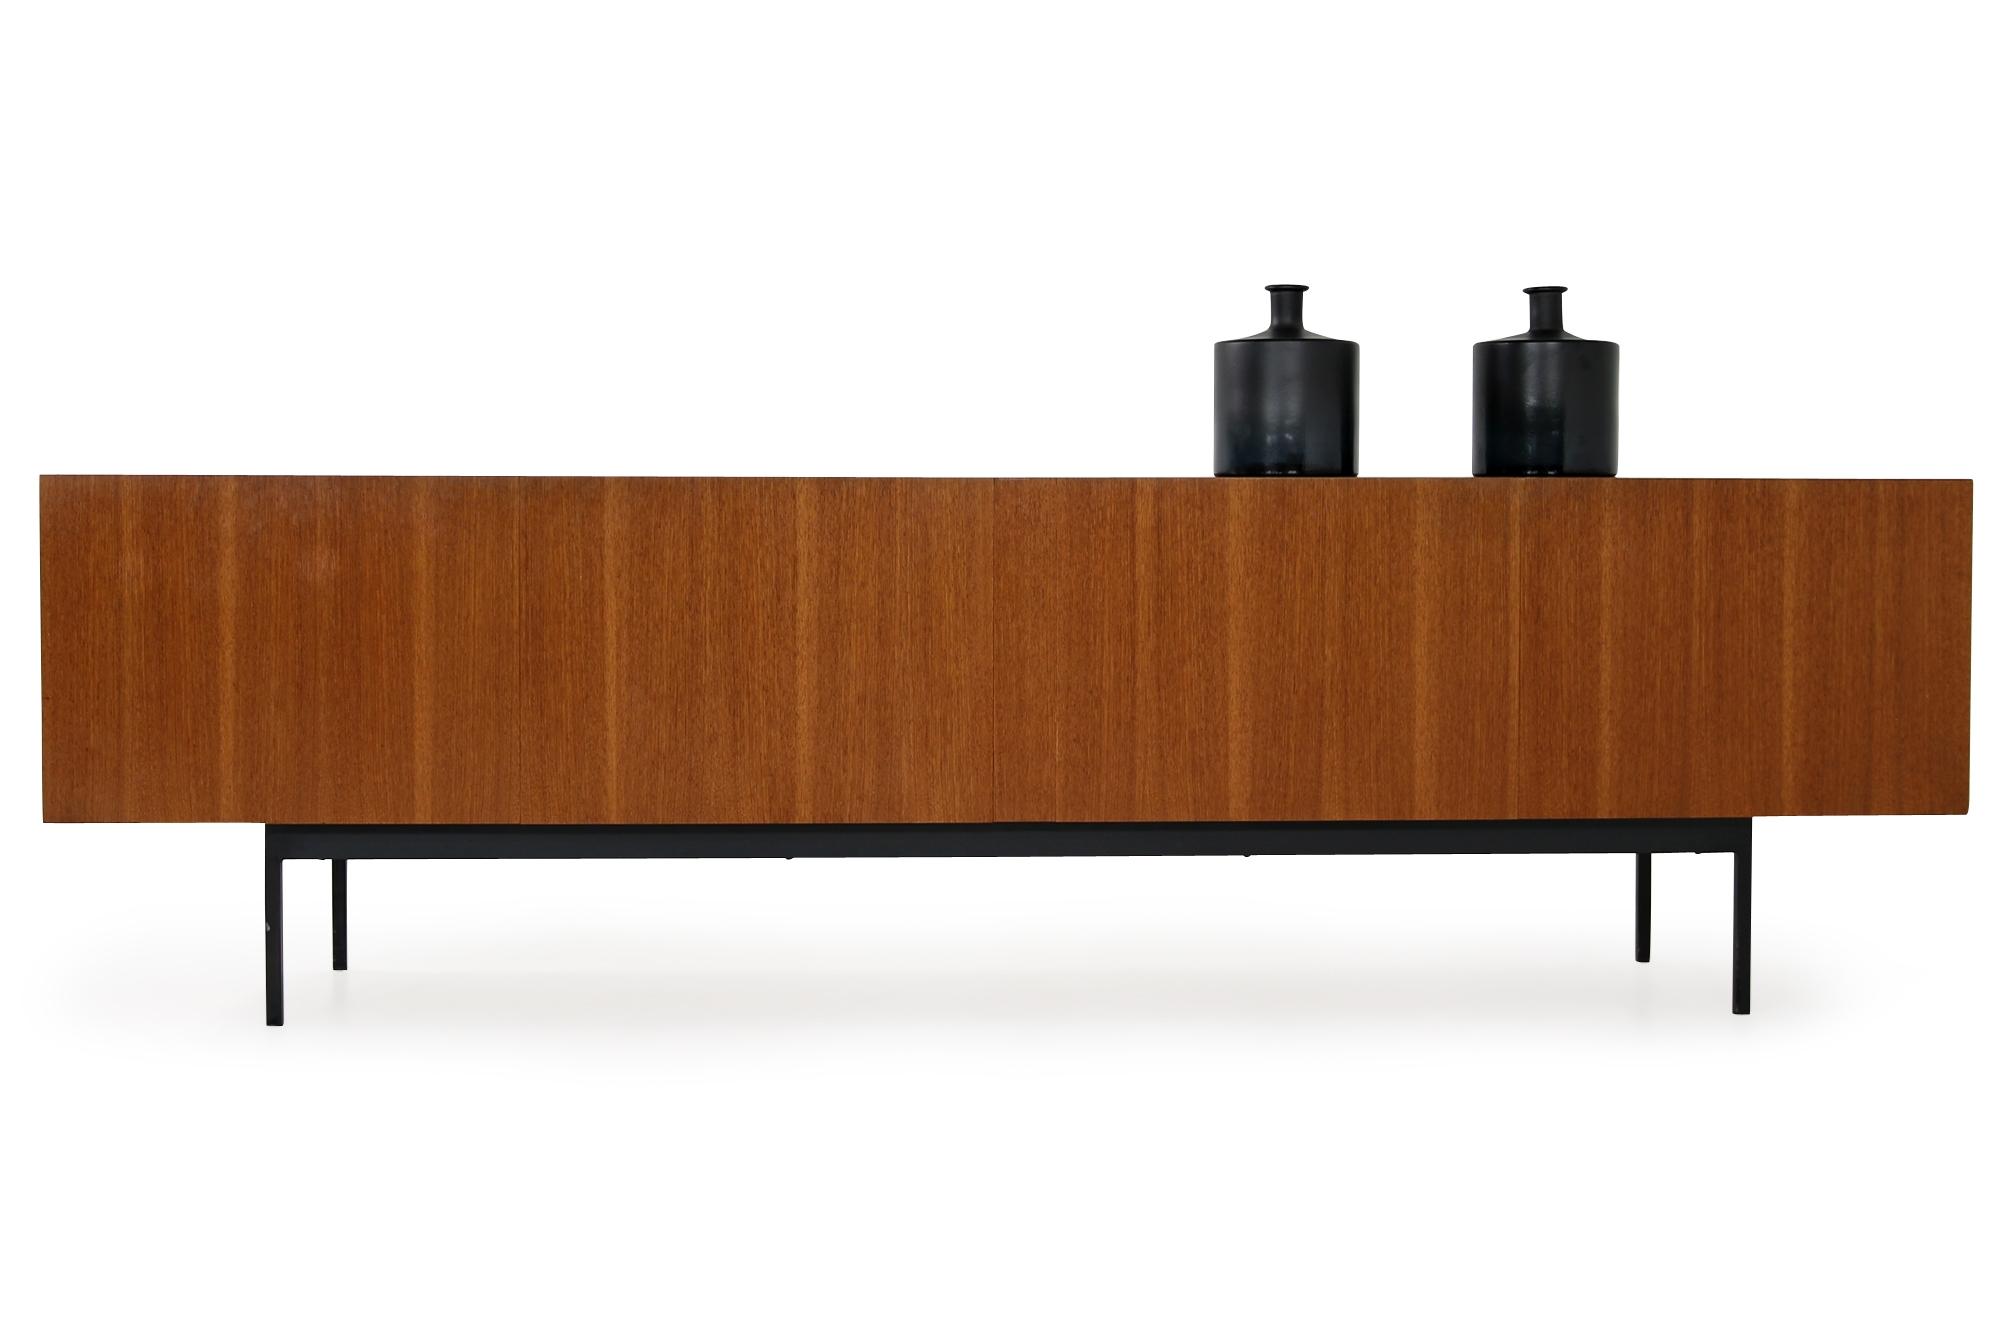 60er teak sideboard, Behr, B40, Behr B 40, dieter waeckerlin, wäckerlin, 1960s, minimalist